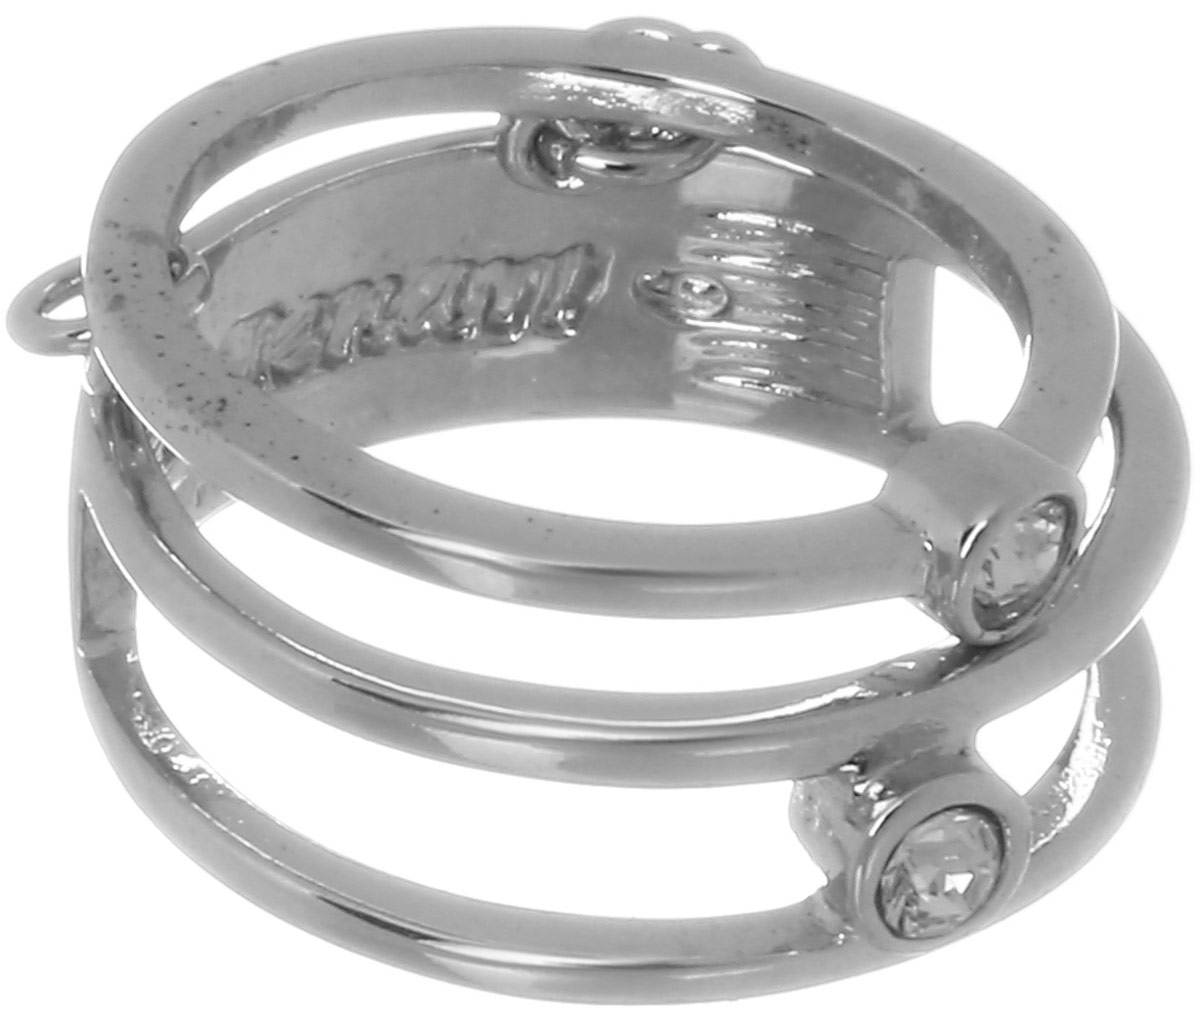 Кольцо Jenavi Триада. Ваю, цвет: серебряный, белый. f698f000. Размер 19Коктейльное кольцоИзящное кольцо Jenavi из коллекции Триада. Ваю изготовлено из ювелирного сплава с покрытием из серебрения с родием. Изделие выполнено в необычном дизайне и дополнено вставками из кристаллов Swarovski. Стильное кольцо придаст вашему образу изюминку, подчеркнет индивидуальность.